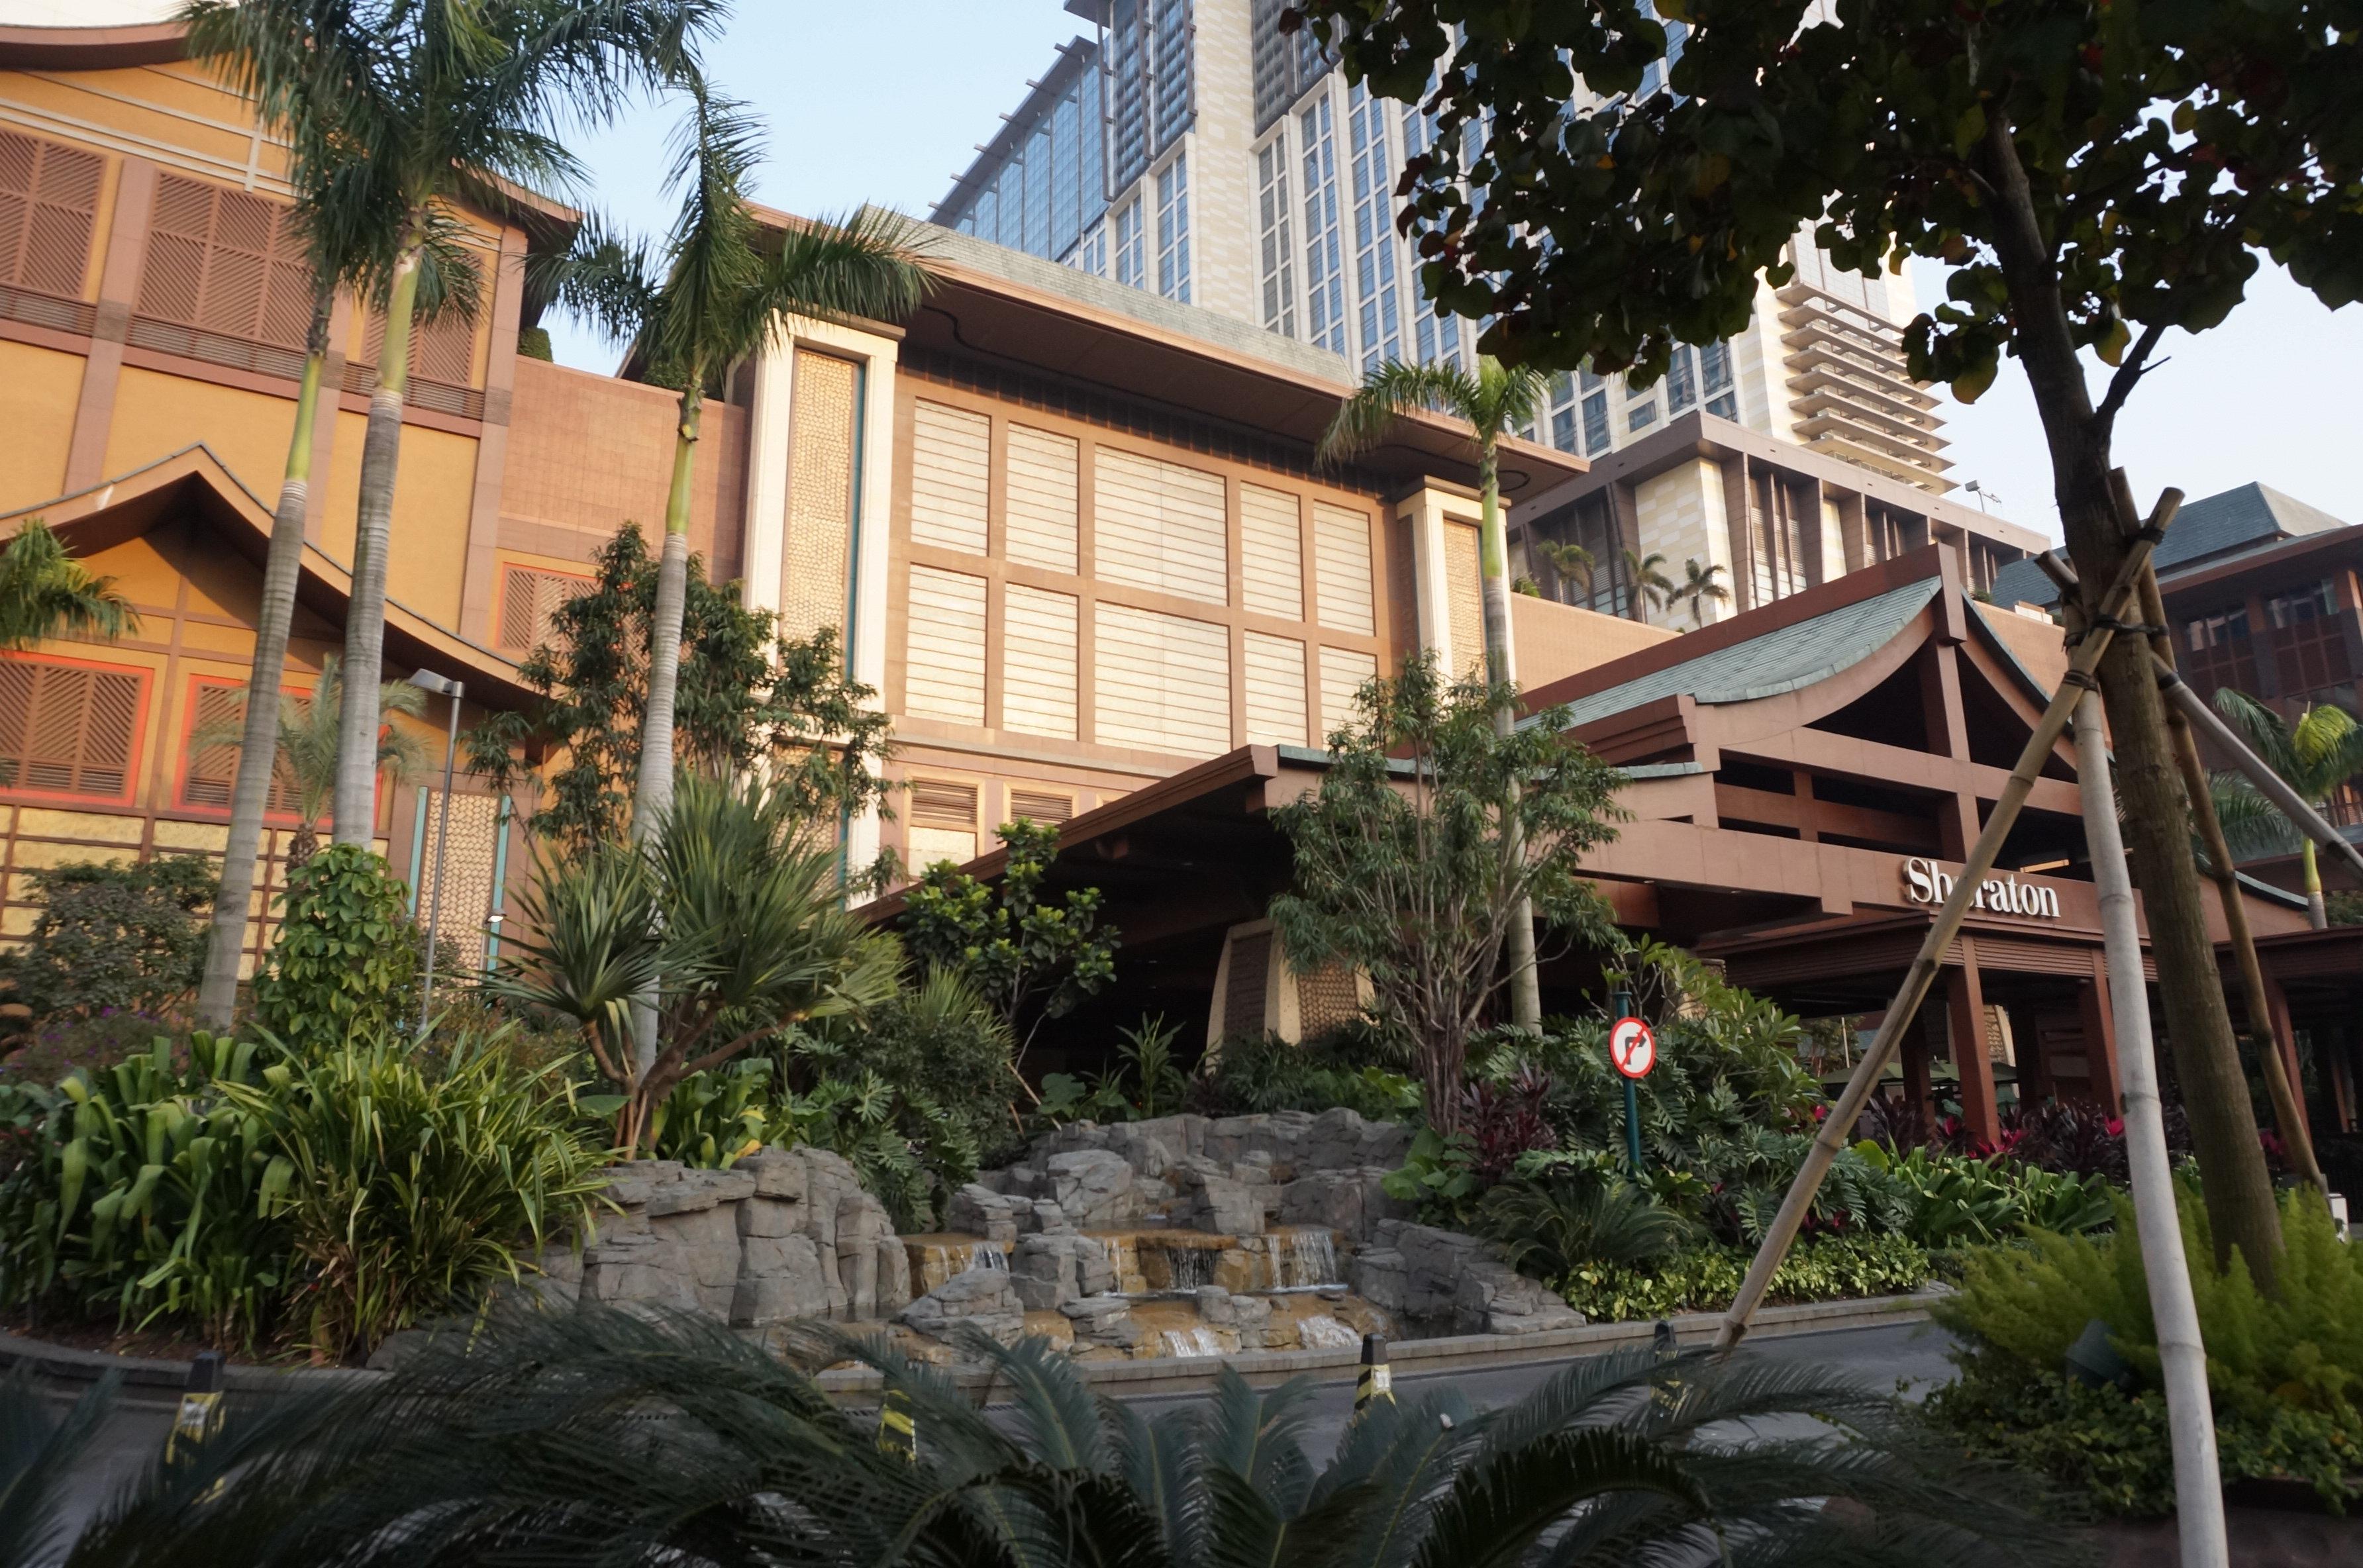 金沙喜来登酒店外观很有东南亚风格.